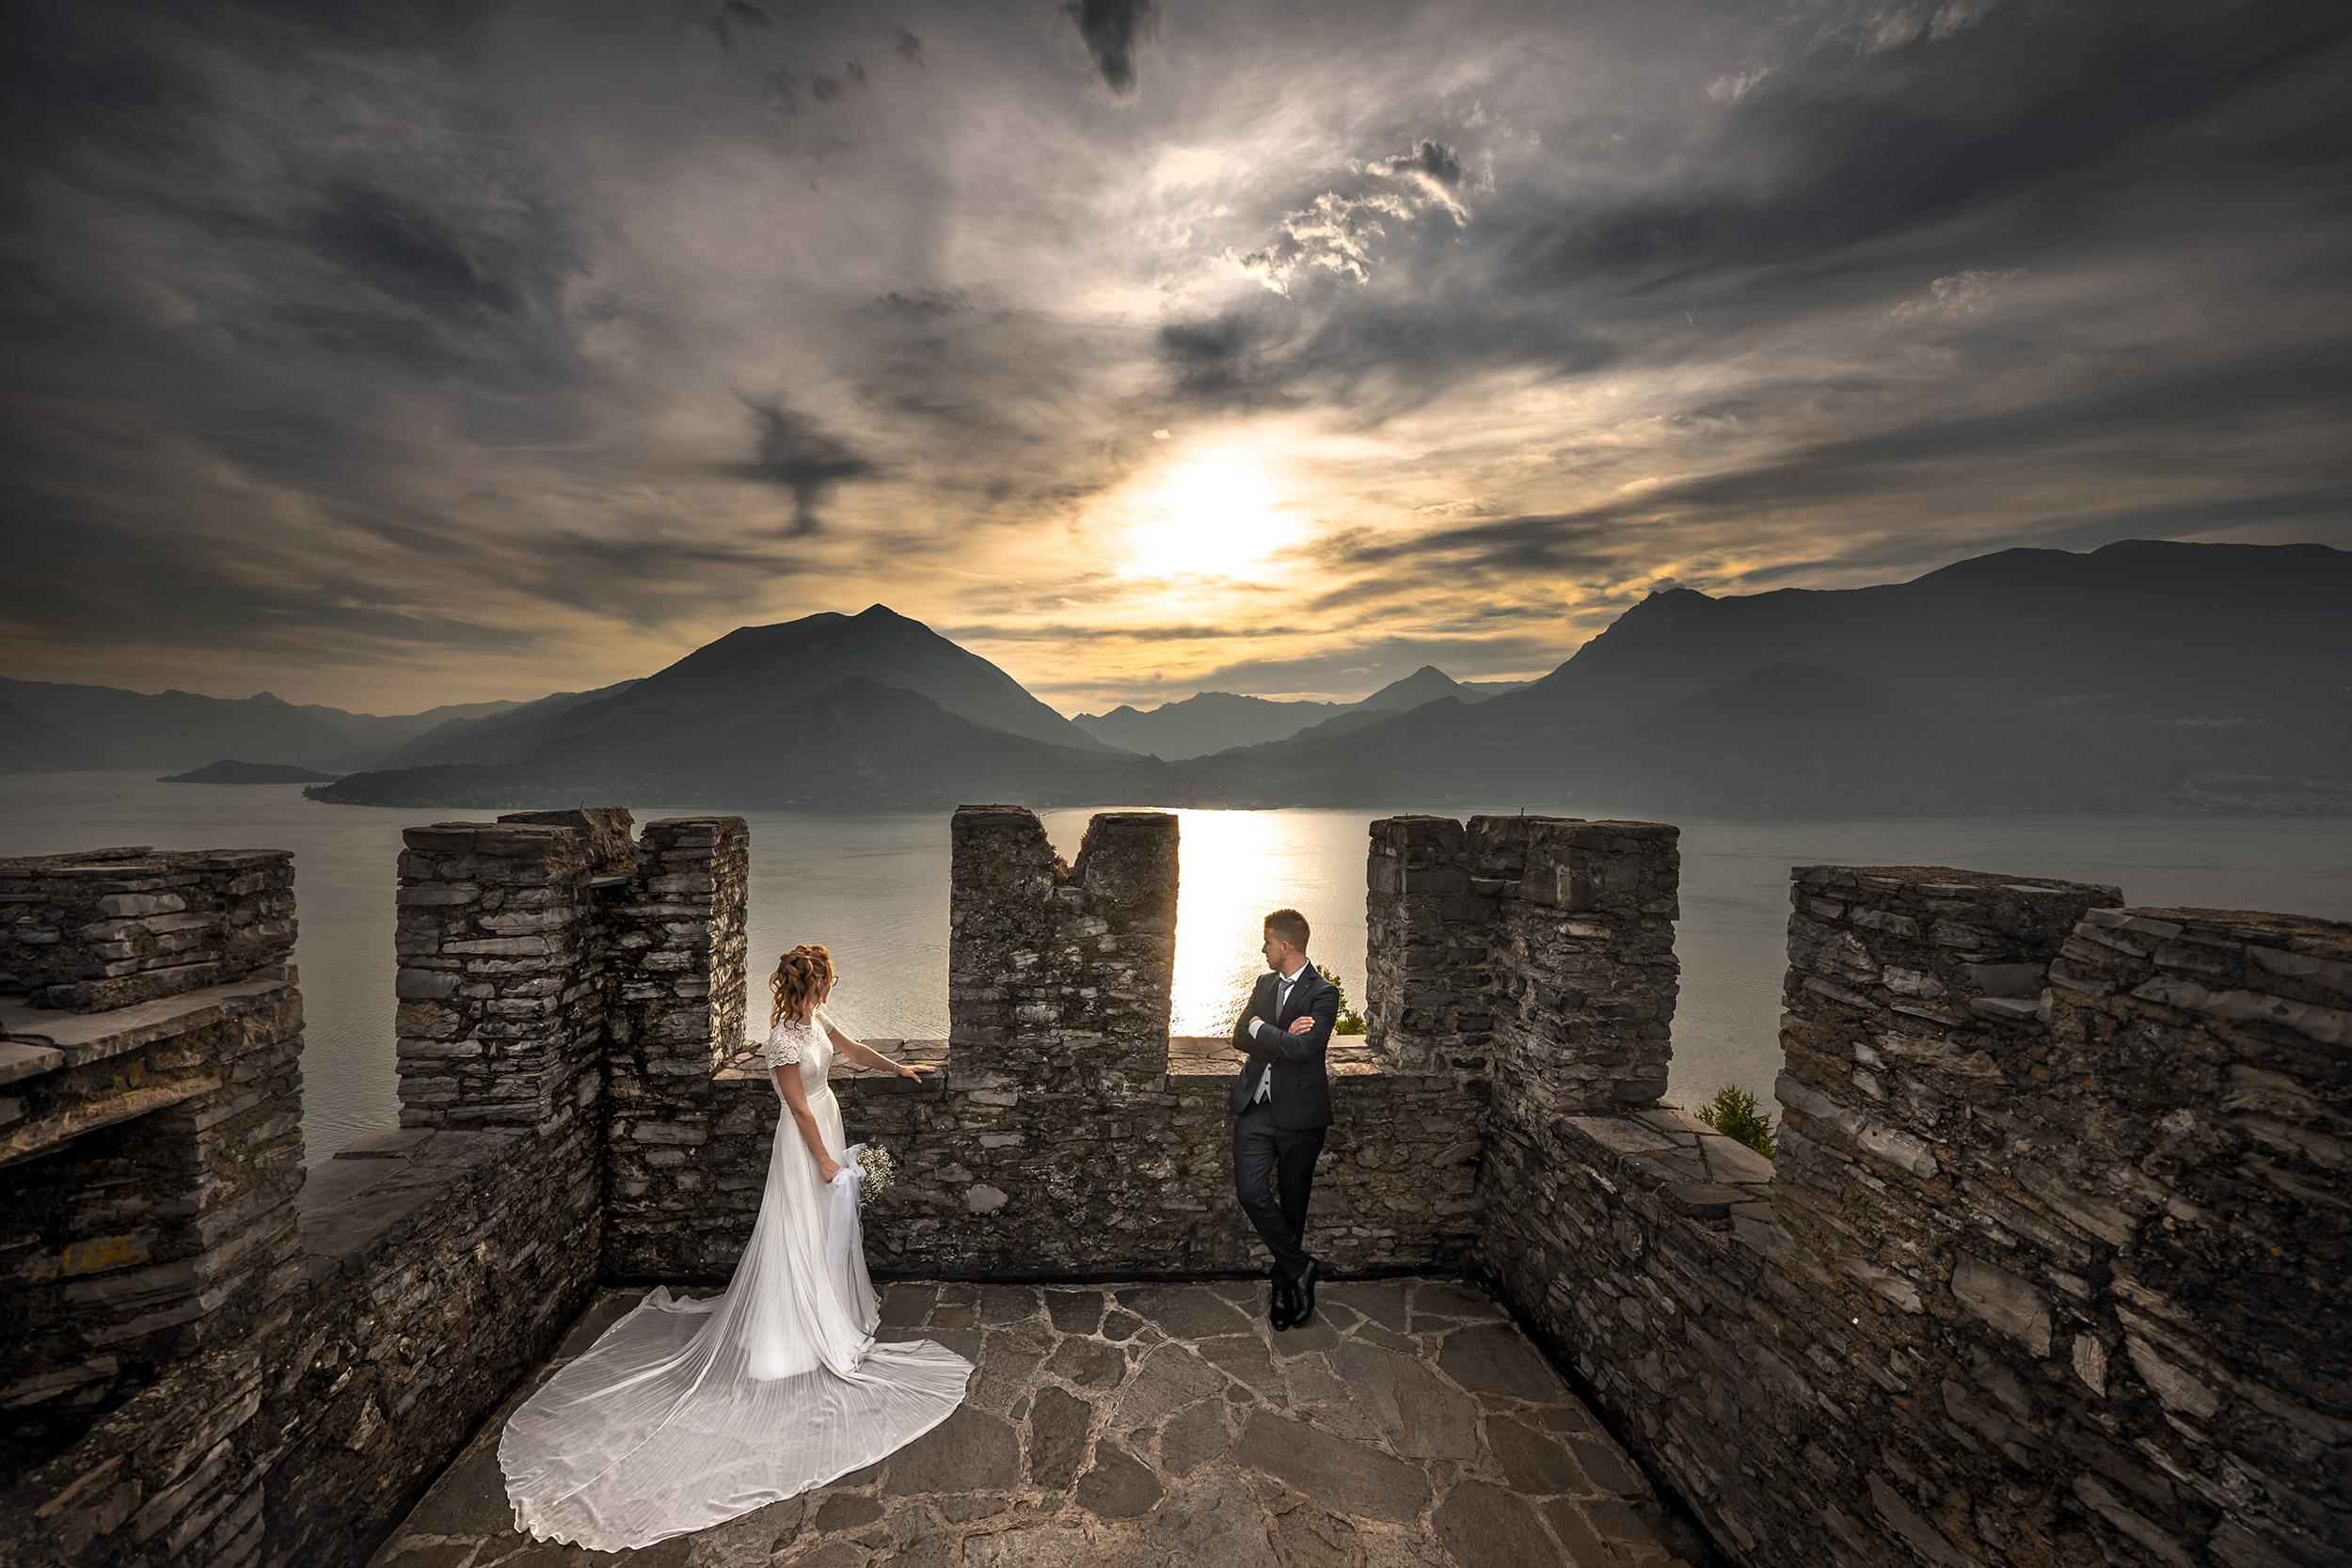 000 reportage foto matrimonio wedding ritratto sposi romantico tramonto castello vezio perledo lecco 1